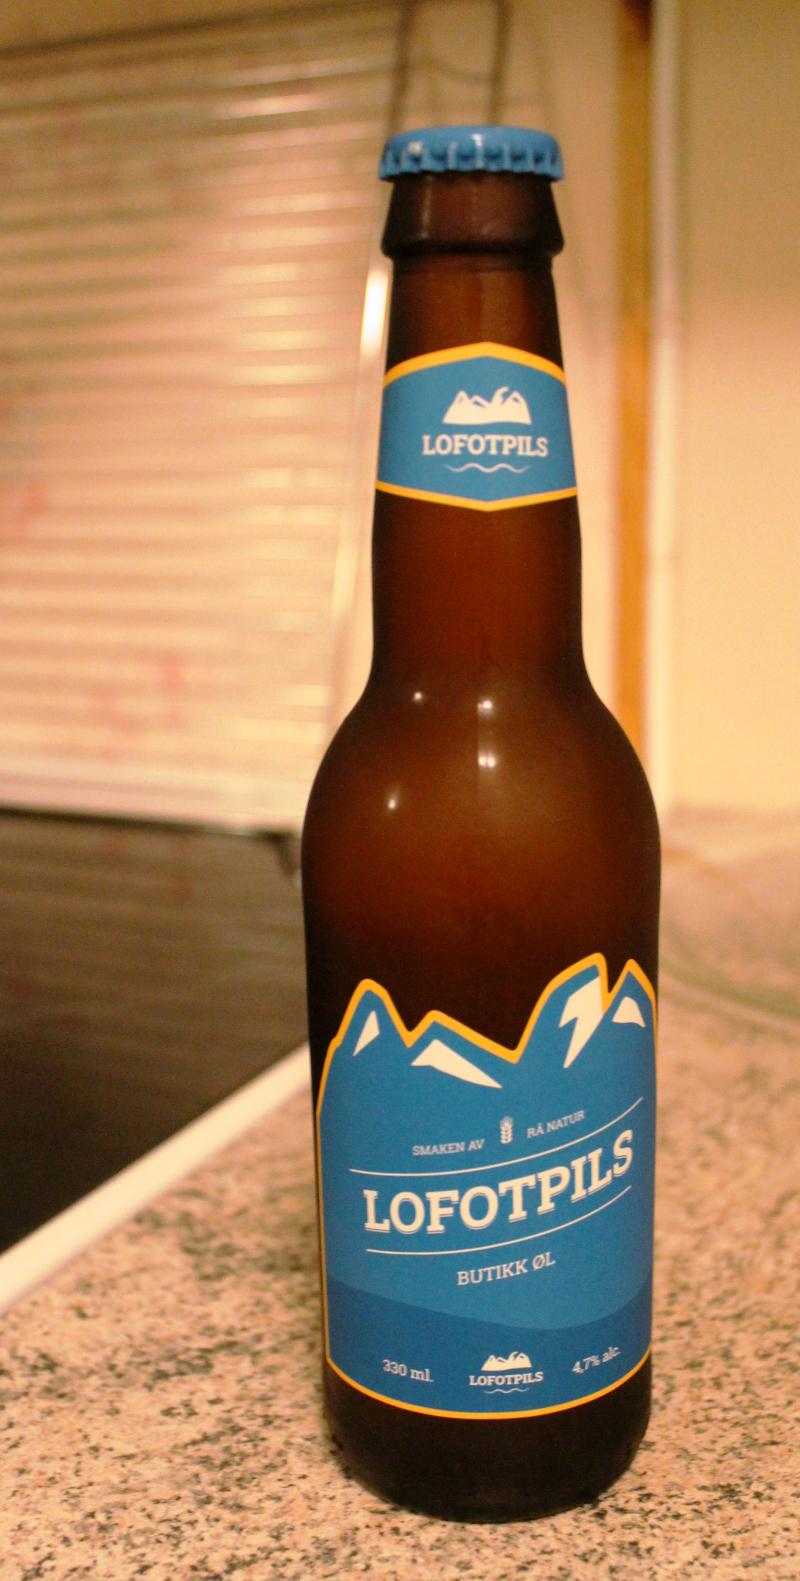 Bière Lofotpils